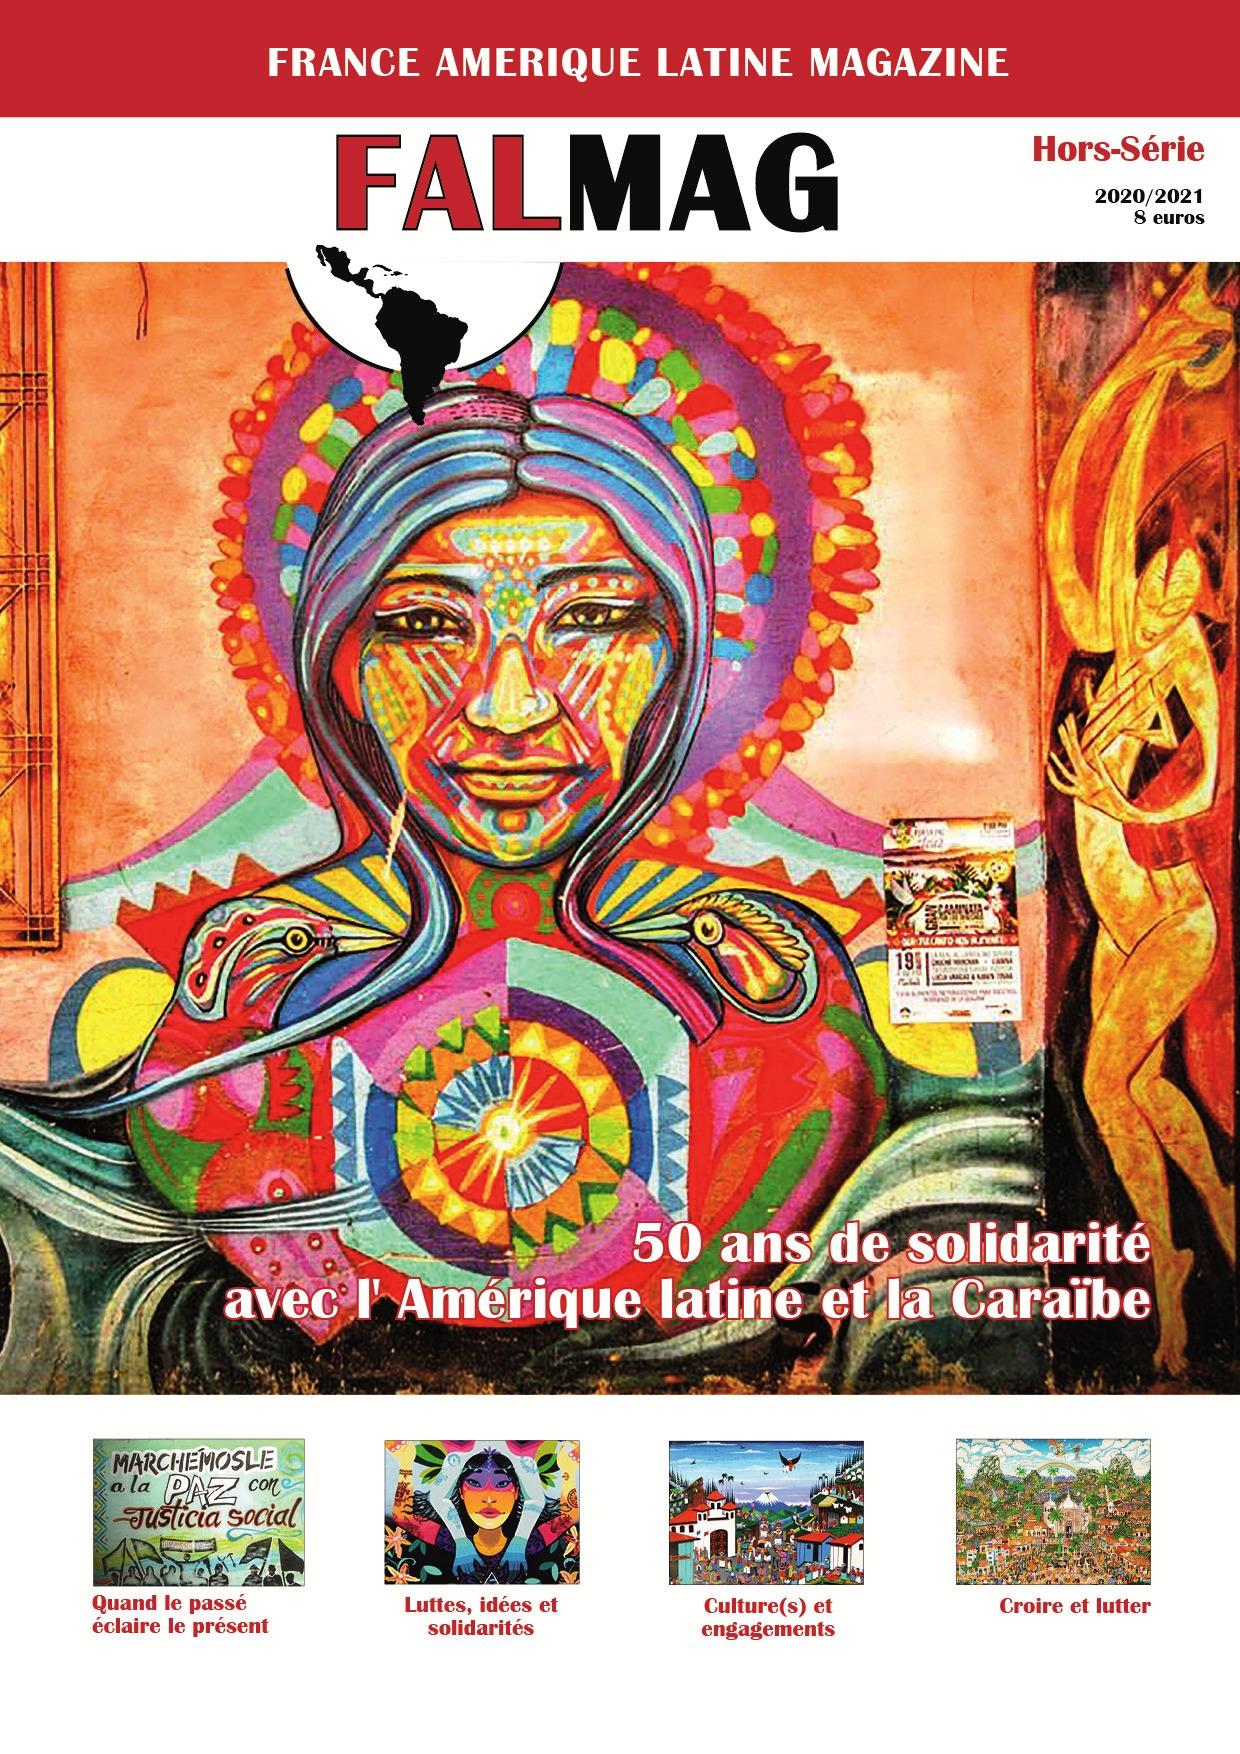 50 ans de solidarité avec l'Amérique latine et la Caraïbe.